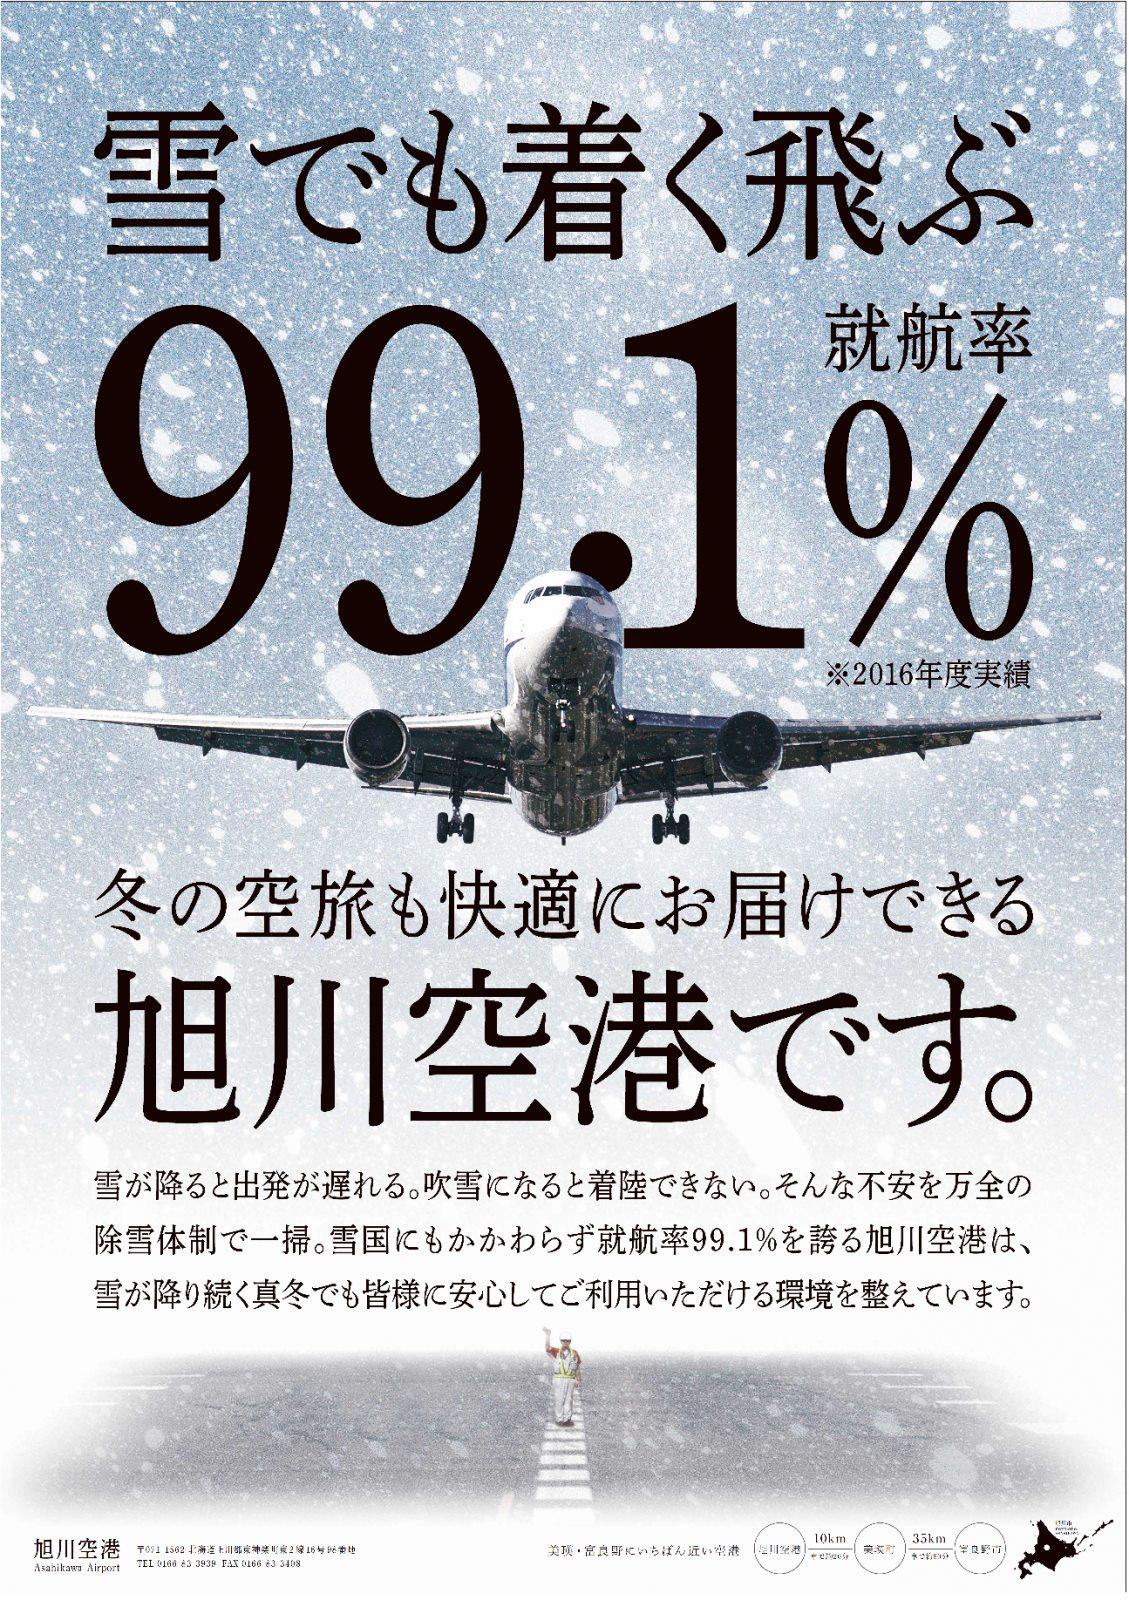 對大雪抵抗力堅強的旭川機場 35位農民為了除雪而奮鬥